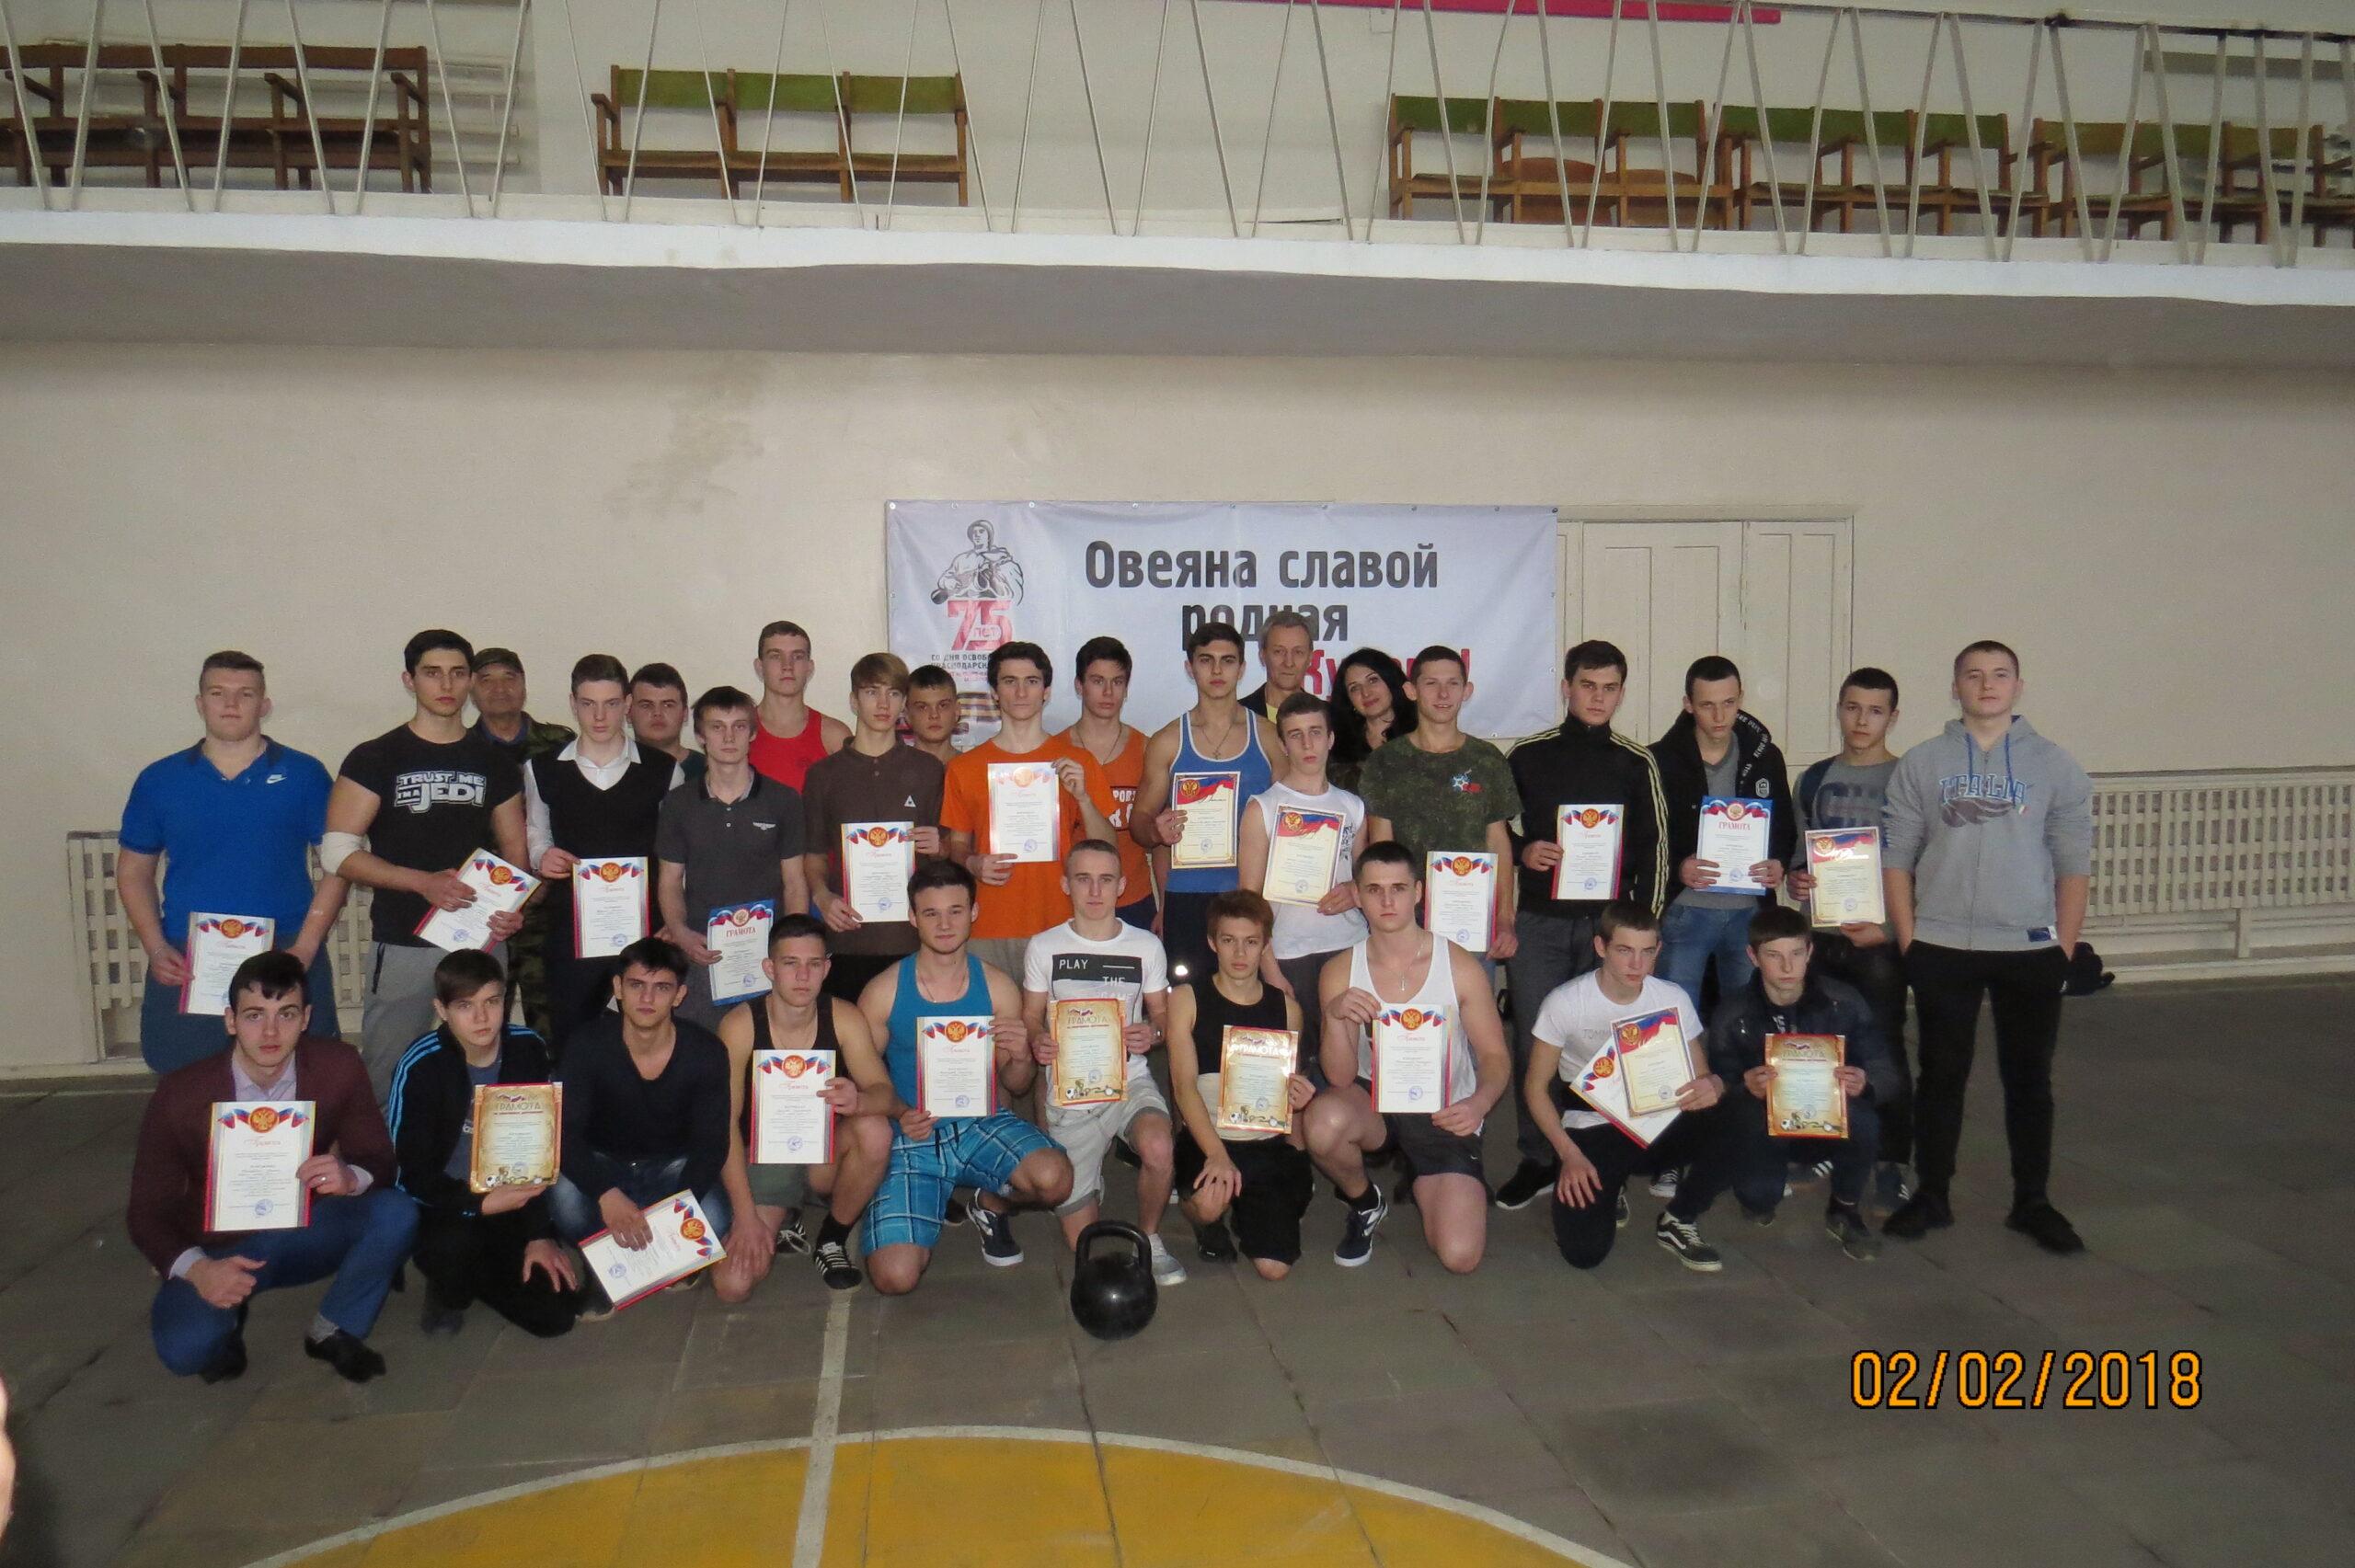 В Абинске прошел муниципальный этап краевого XVI фестиваля по гиревому спорту среди допризывной молодежи памяти Е.П. Душина